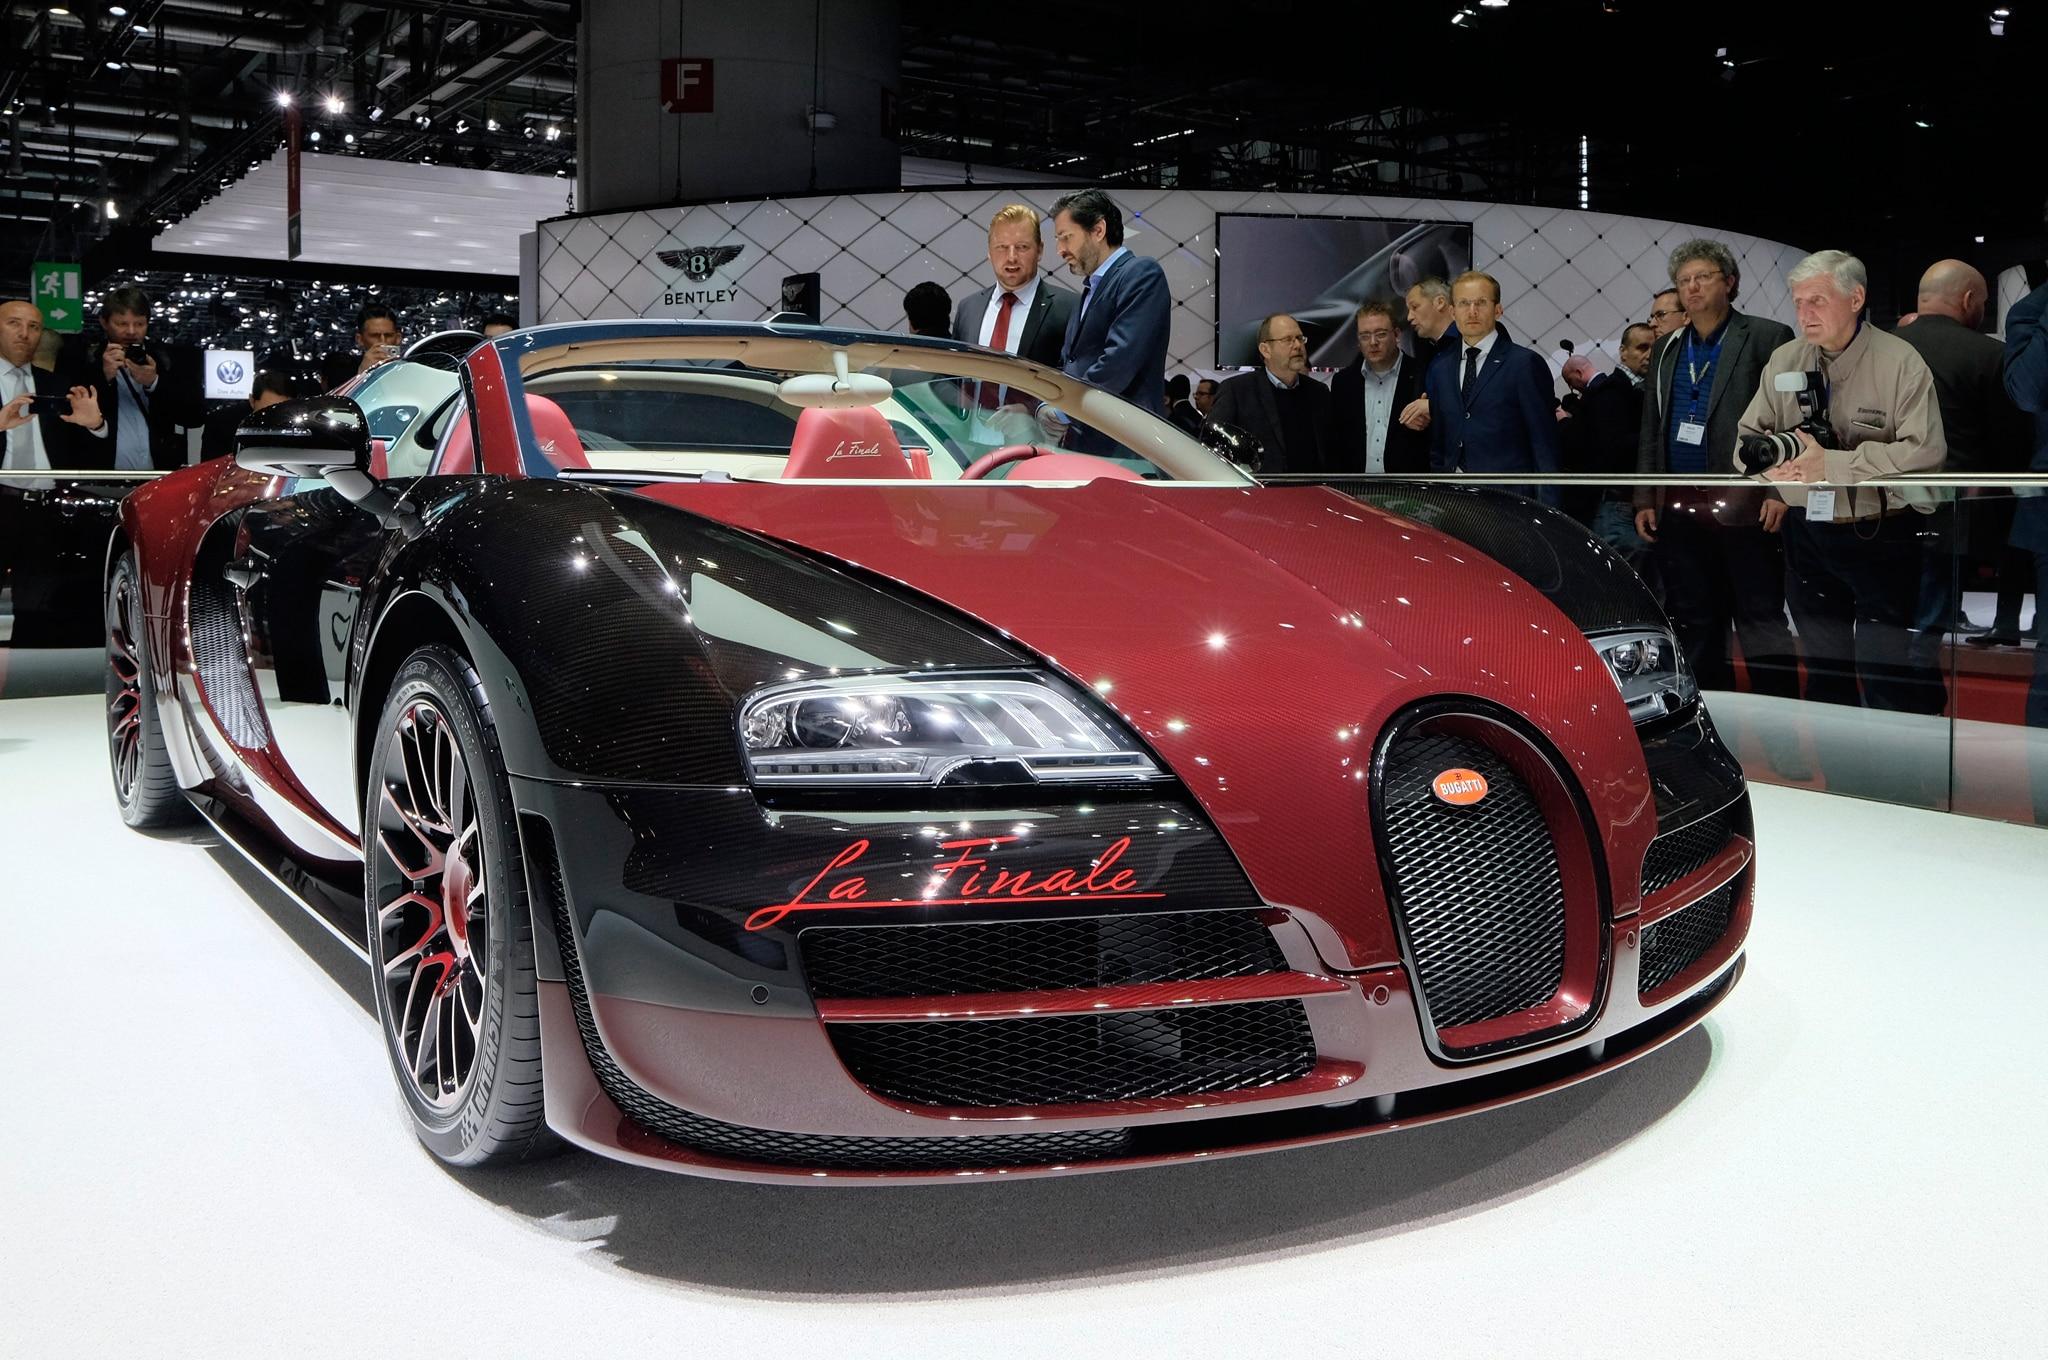 Bugatti-Veyron-Grand-Sport-Vitesse-La-Finale-front-end Remarkable Bugatti Veyron Grand Sport 2015 Price Cars Trend